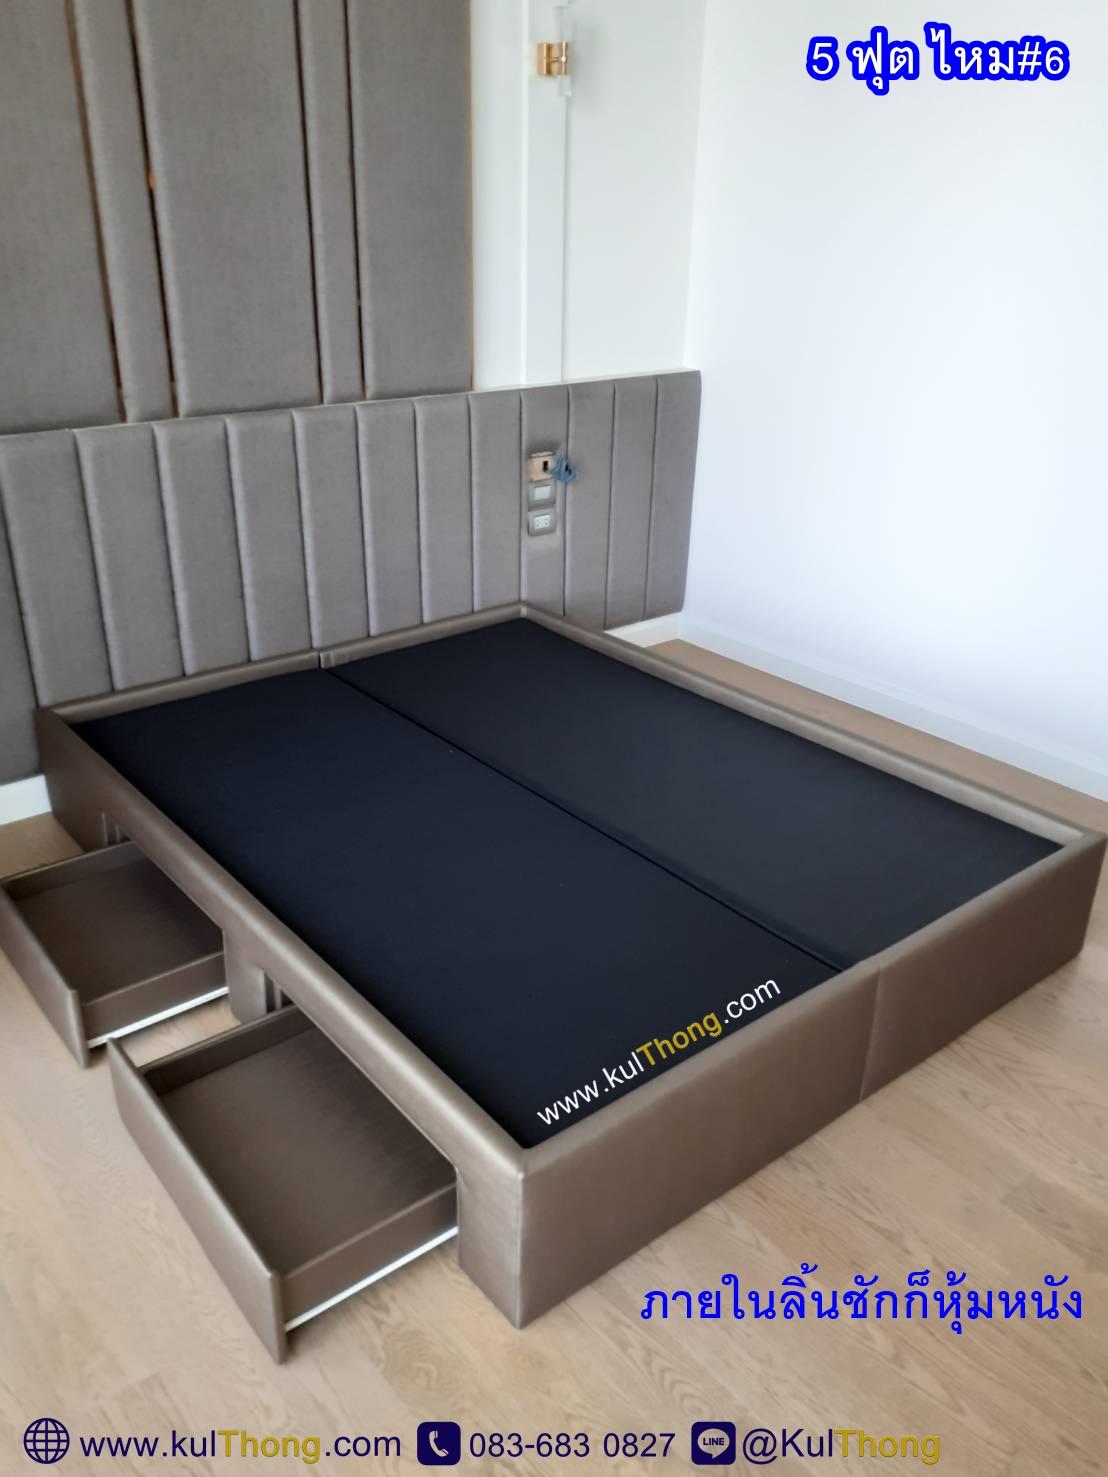 เตียงเก็บของ เตียงมีลิ้นชัก เตียงลิ้นชัก เตียงหุ้มหนัง ฐานรองที่นอนแบบไม่มีหัวเตียง